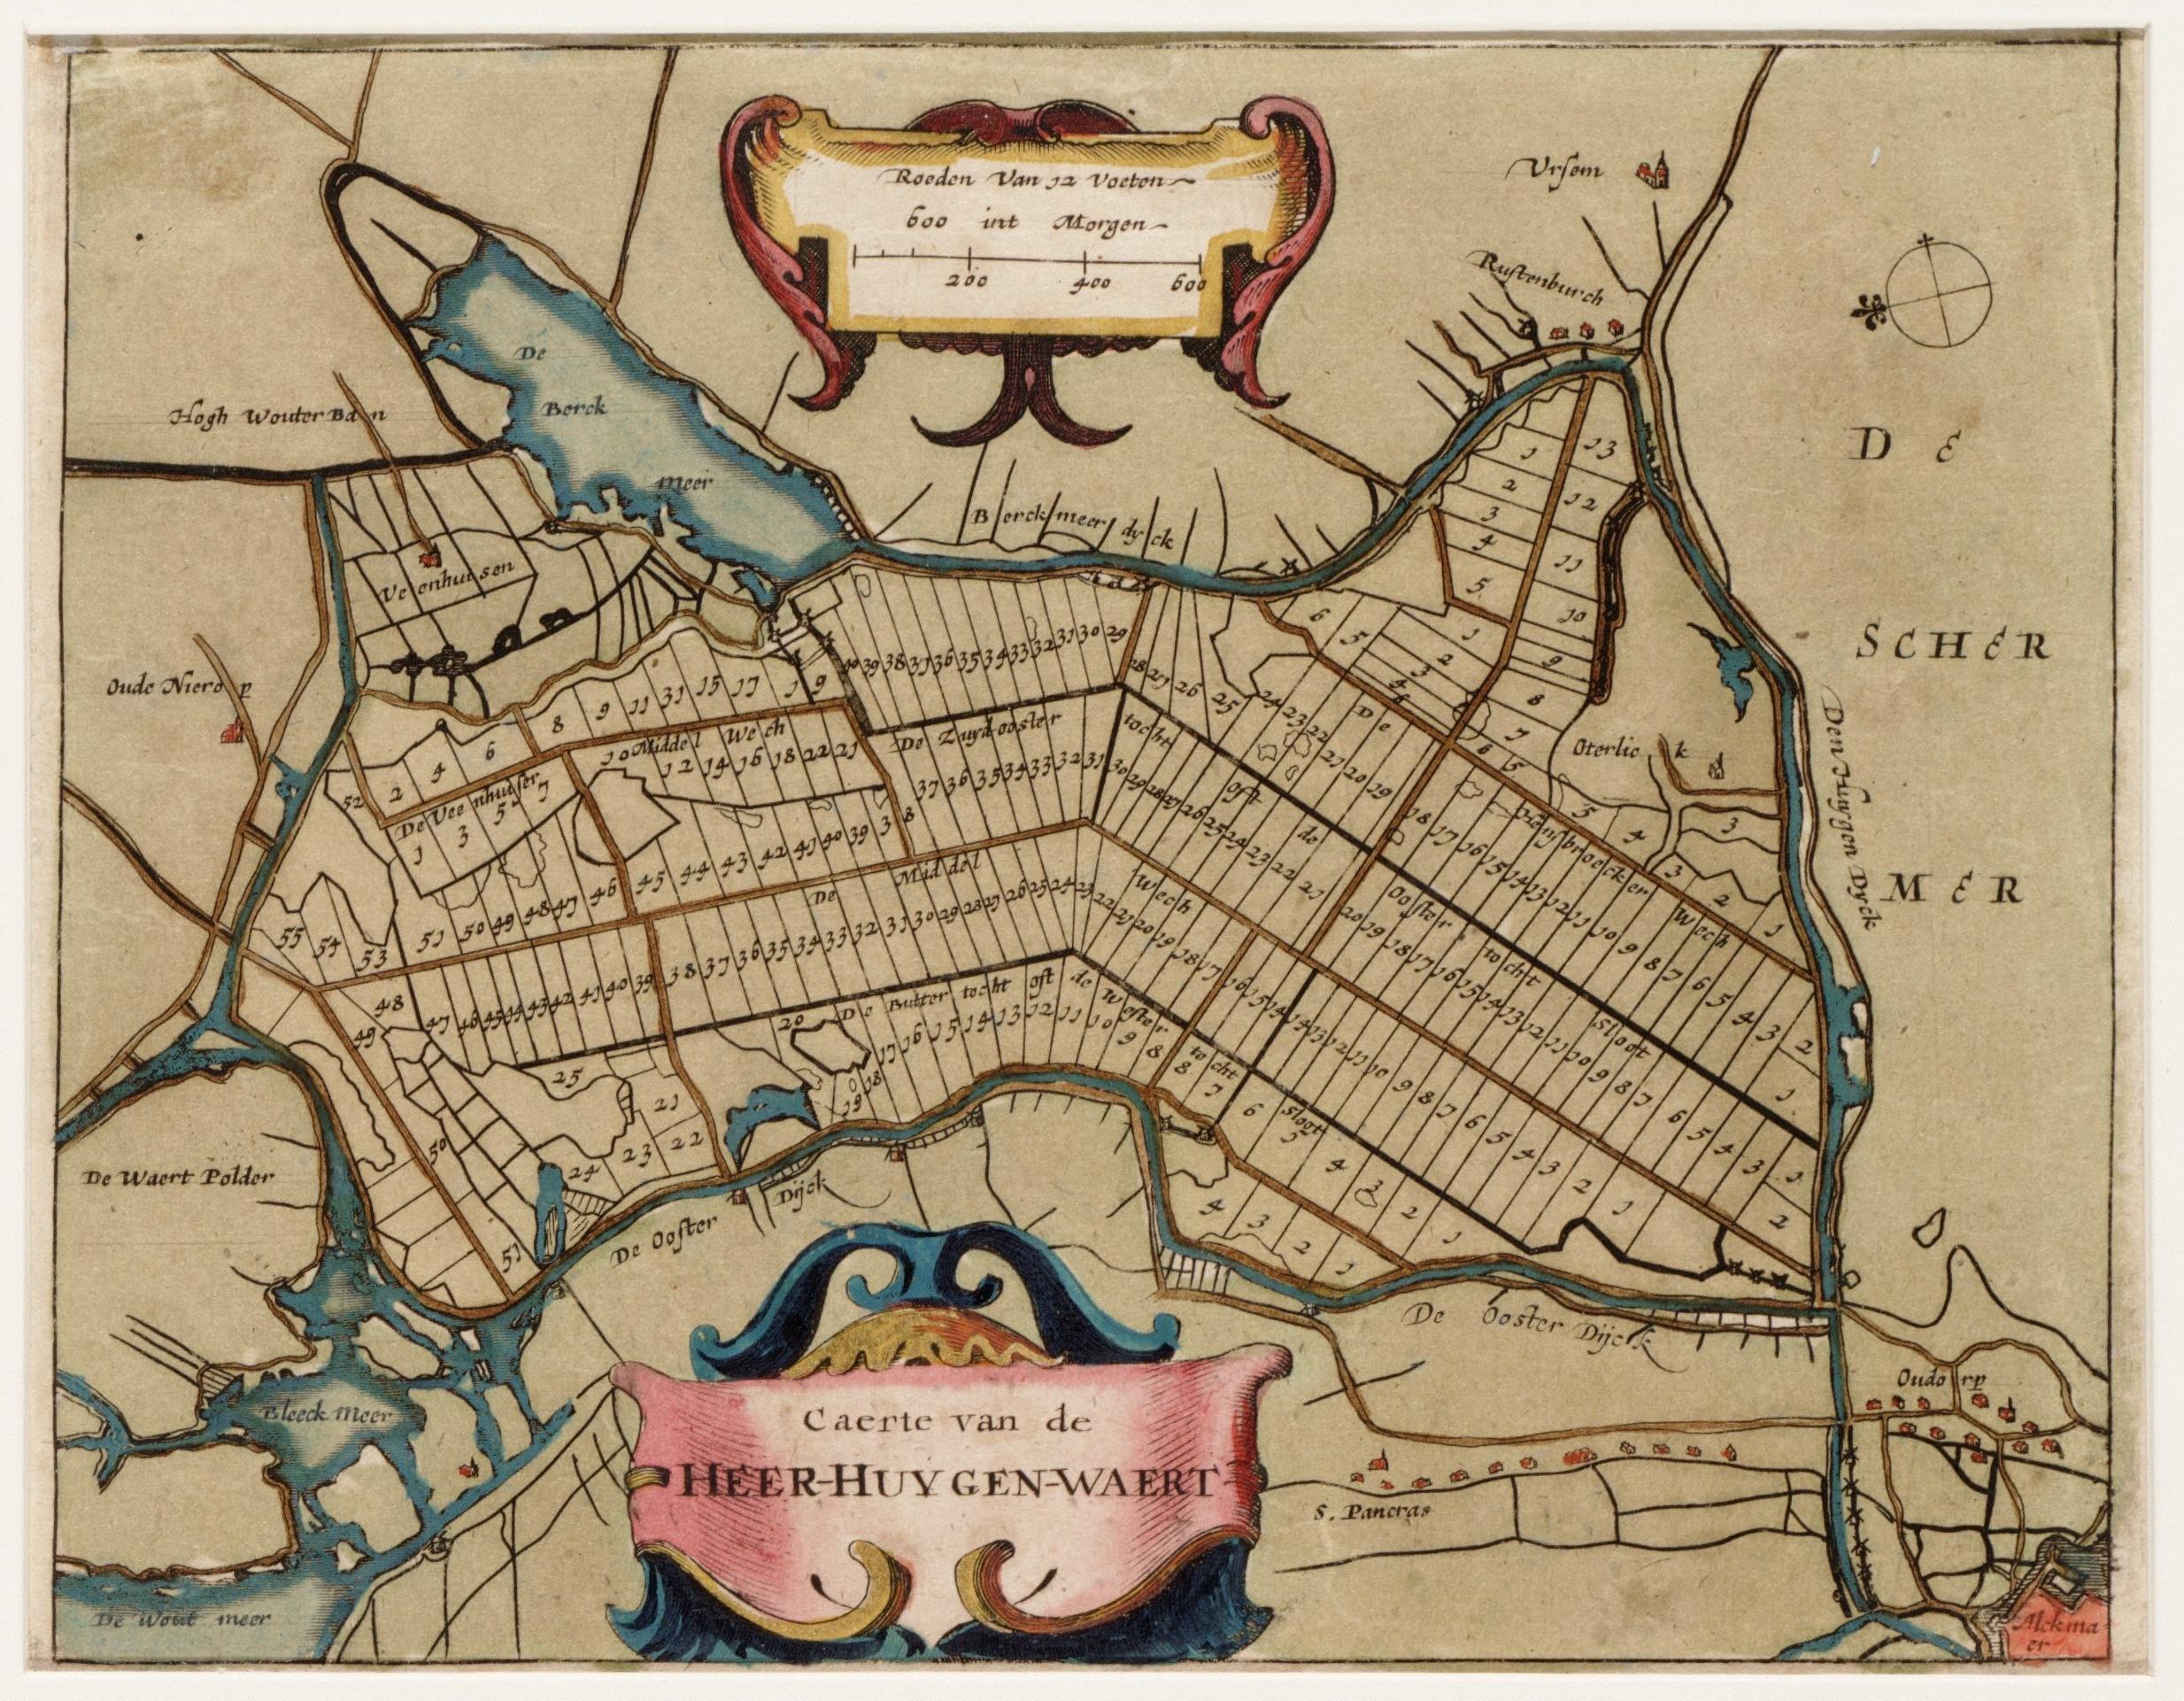 Historische kaart van Heerhugowaard. (Foto: aangeleverd)